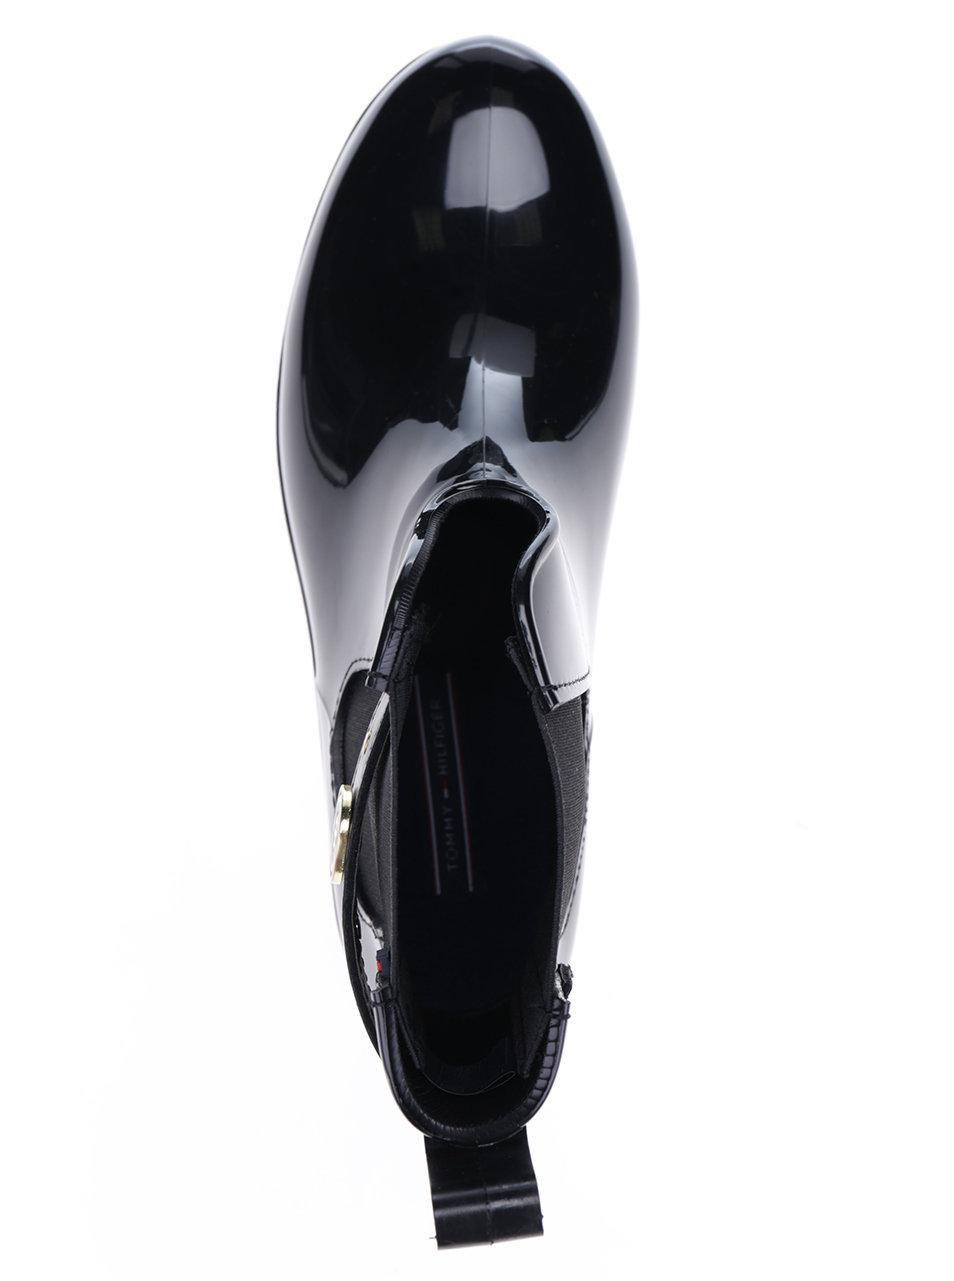 fbf13cf352e Černé dámské gumové chelsea boty s detaily ve zlaté barvě Tommy Hilfiger  Oxley ...